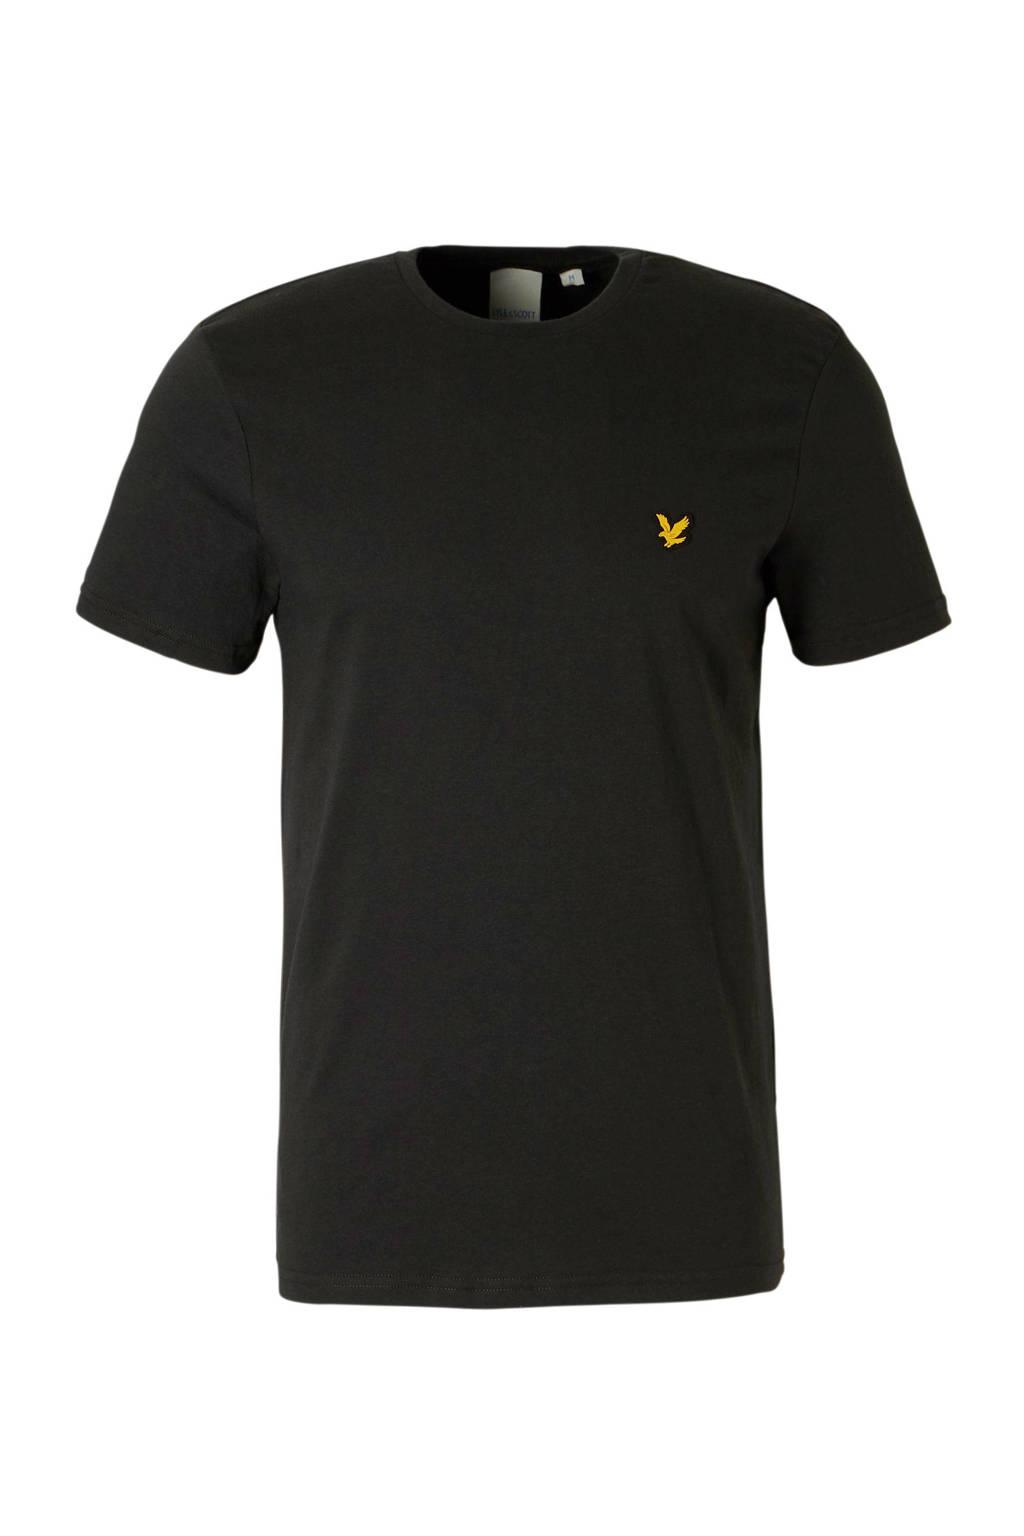 Lyle & Scott T-shirt zwart, Zwart